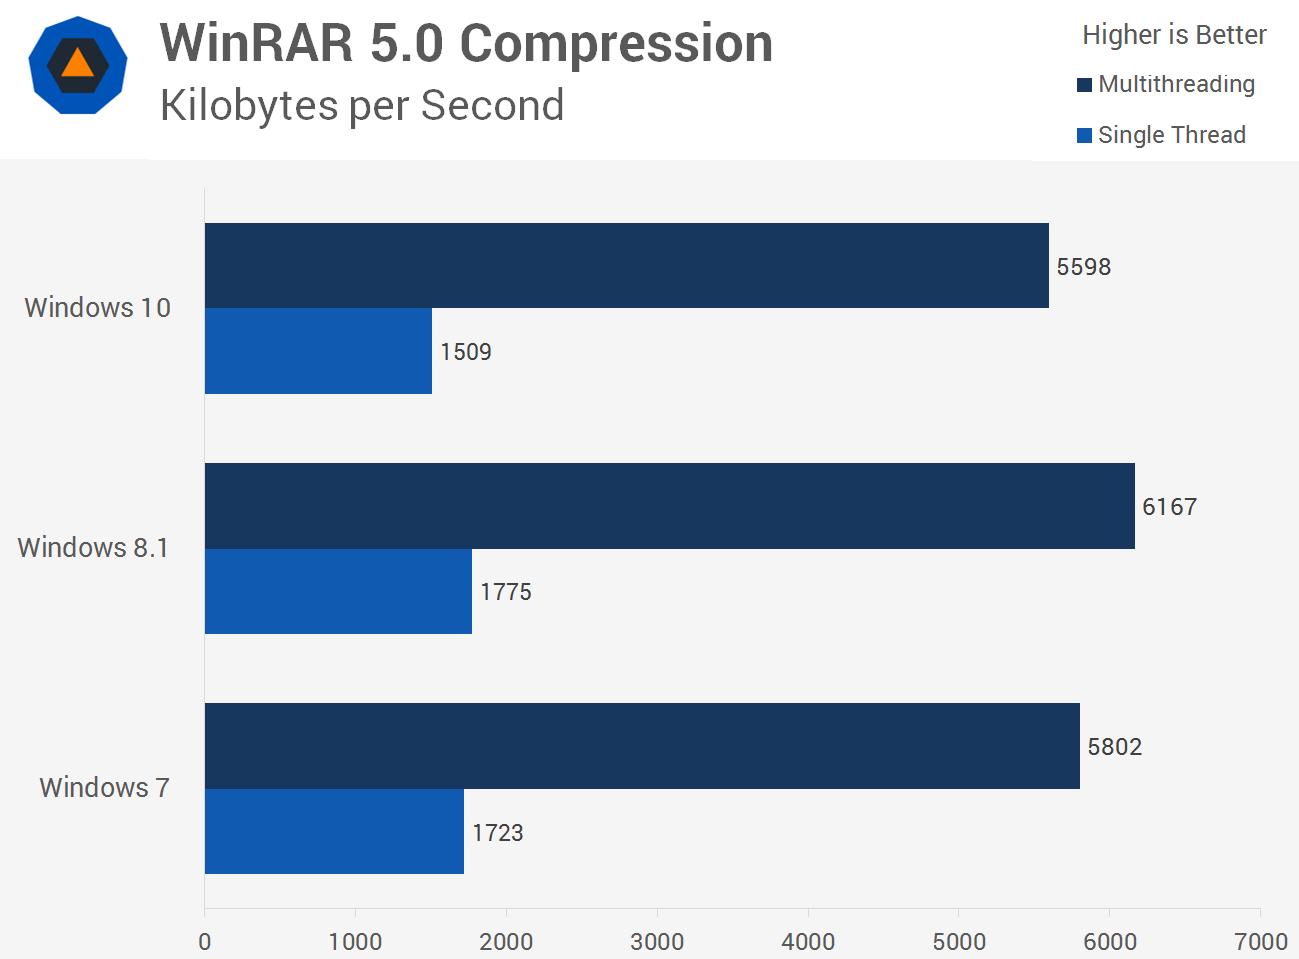 بنچمارک فشردهسازی به کمک WinRAR و عملکرد در ویندوز 10، ویندوز 8.1 و ویندوز 7